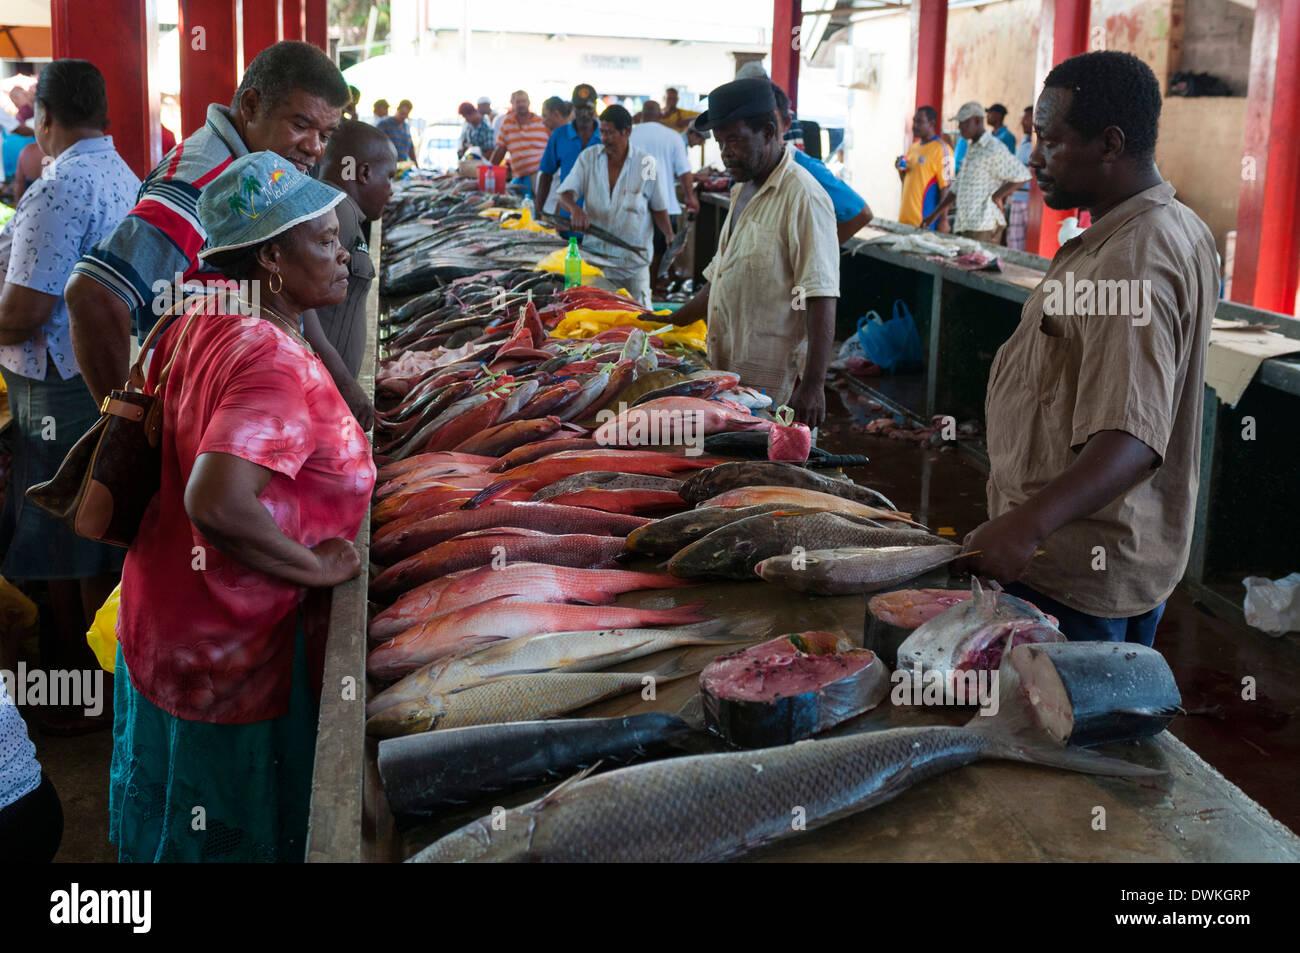 Market Victoria Mahe Seychelles Indian Ocean Africa Stock - Seychelles victoria map indian ocean